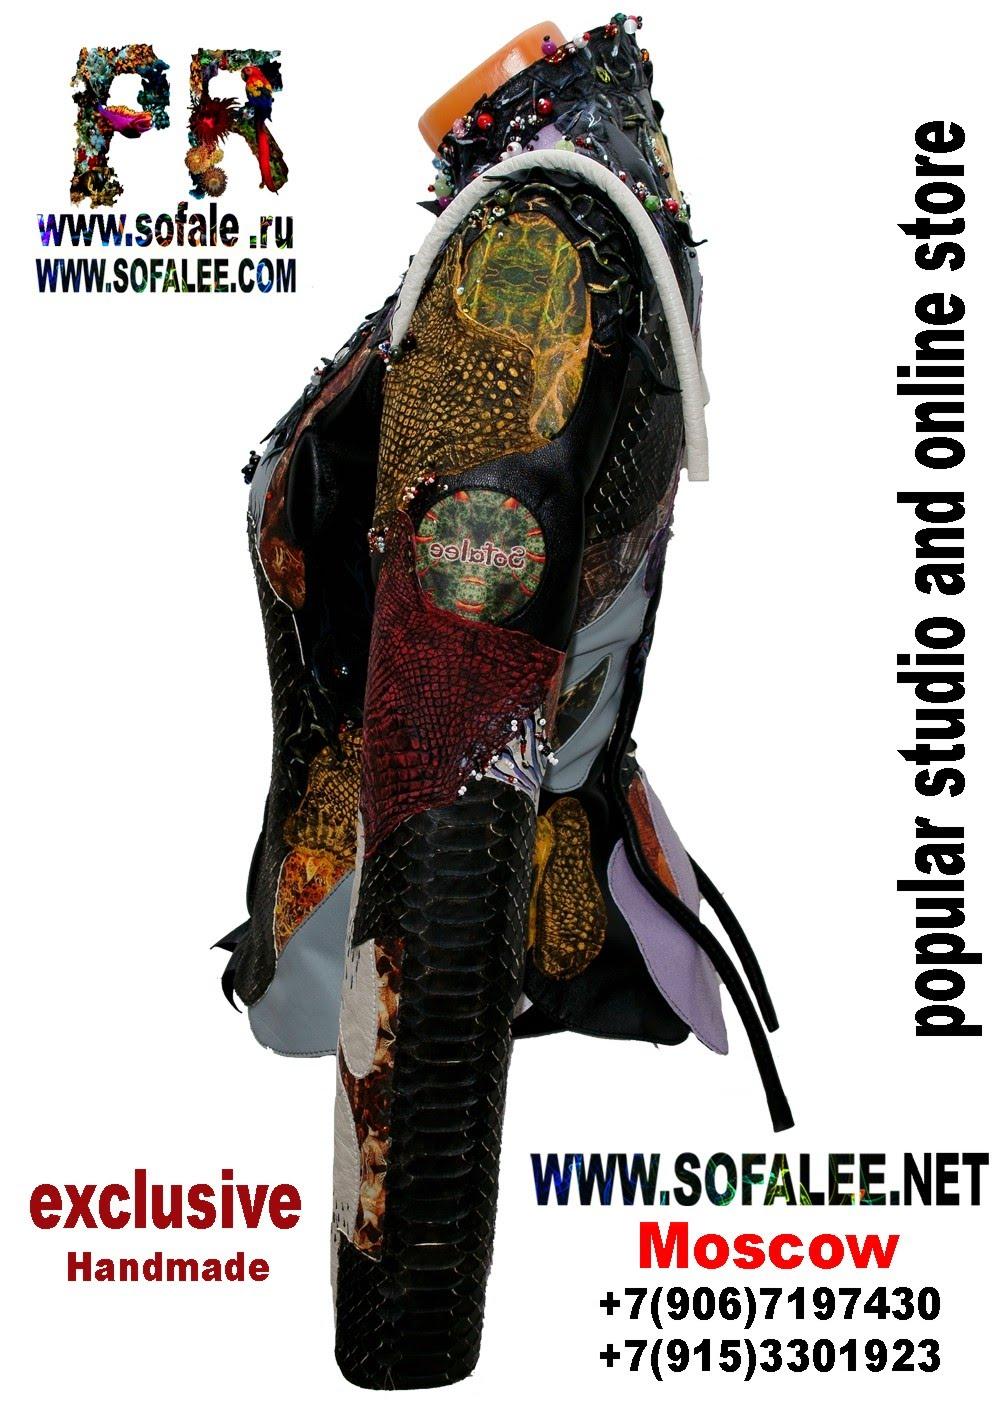 куртка из кожи крокодила и питона с вышивкой 2